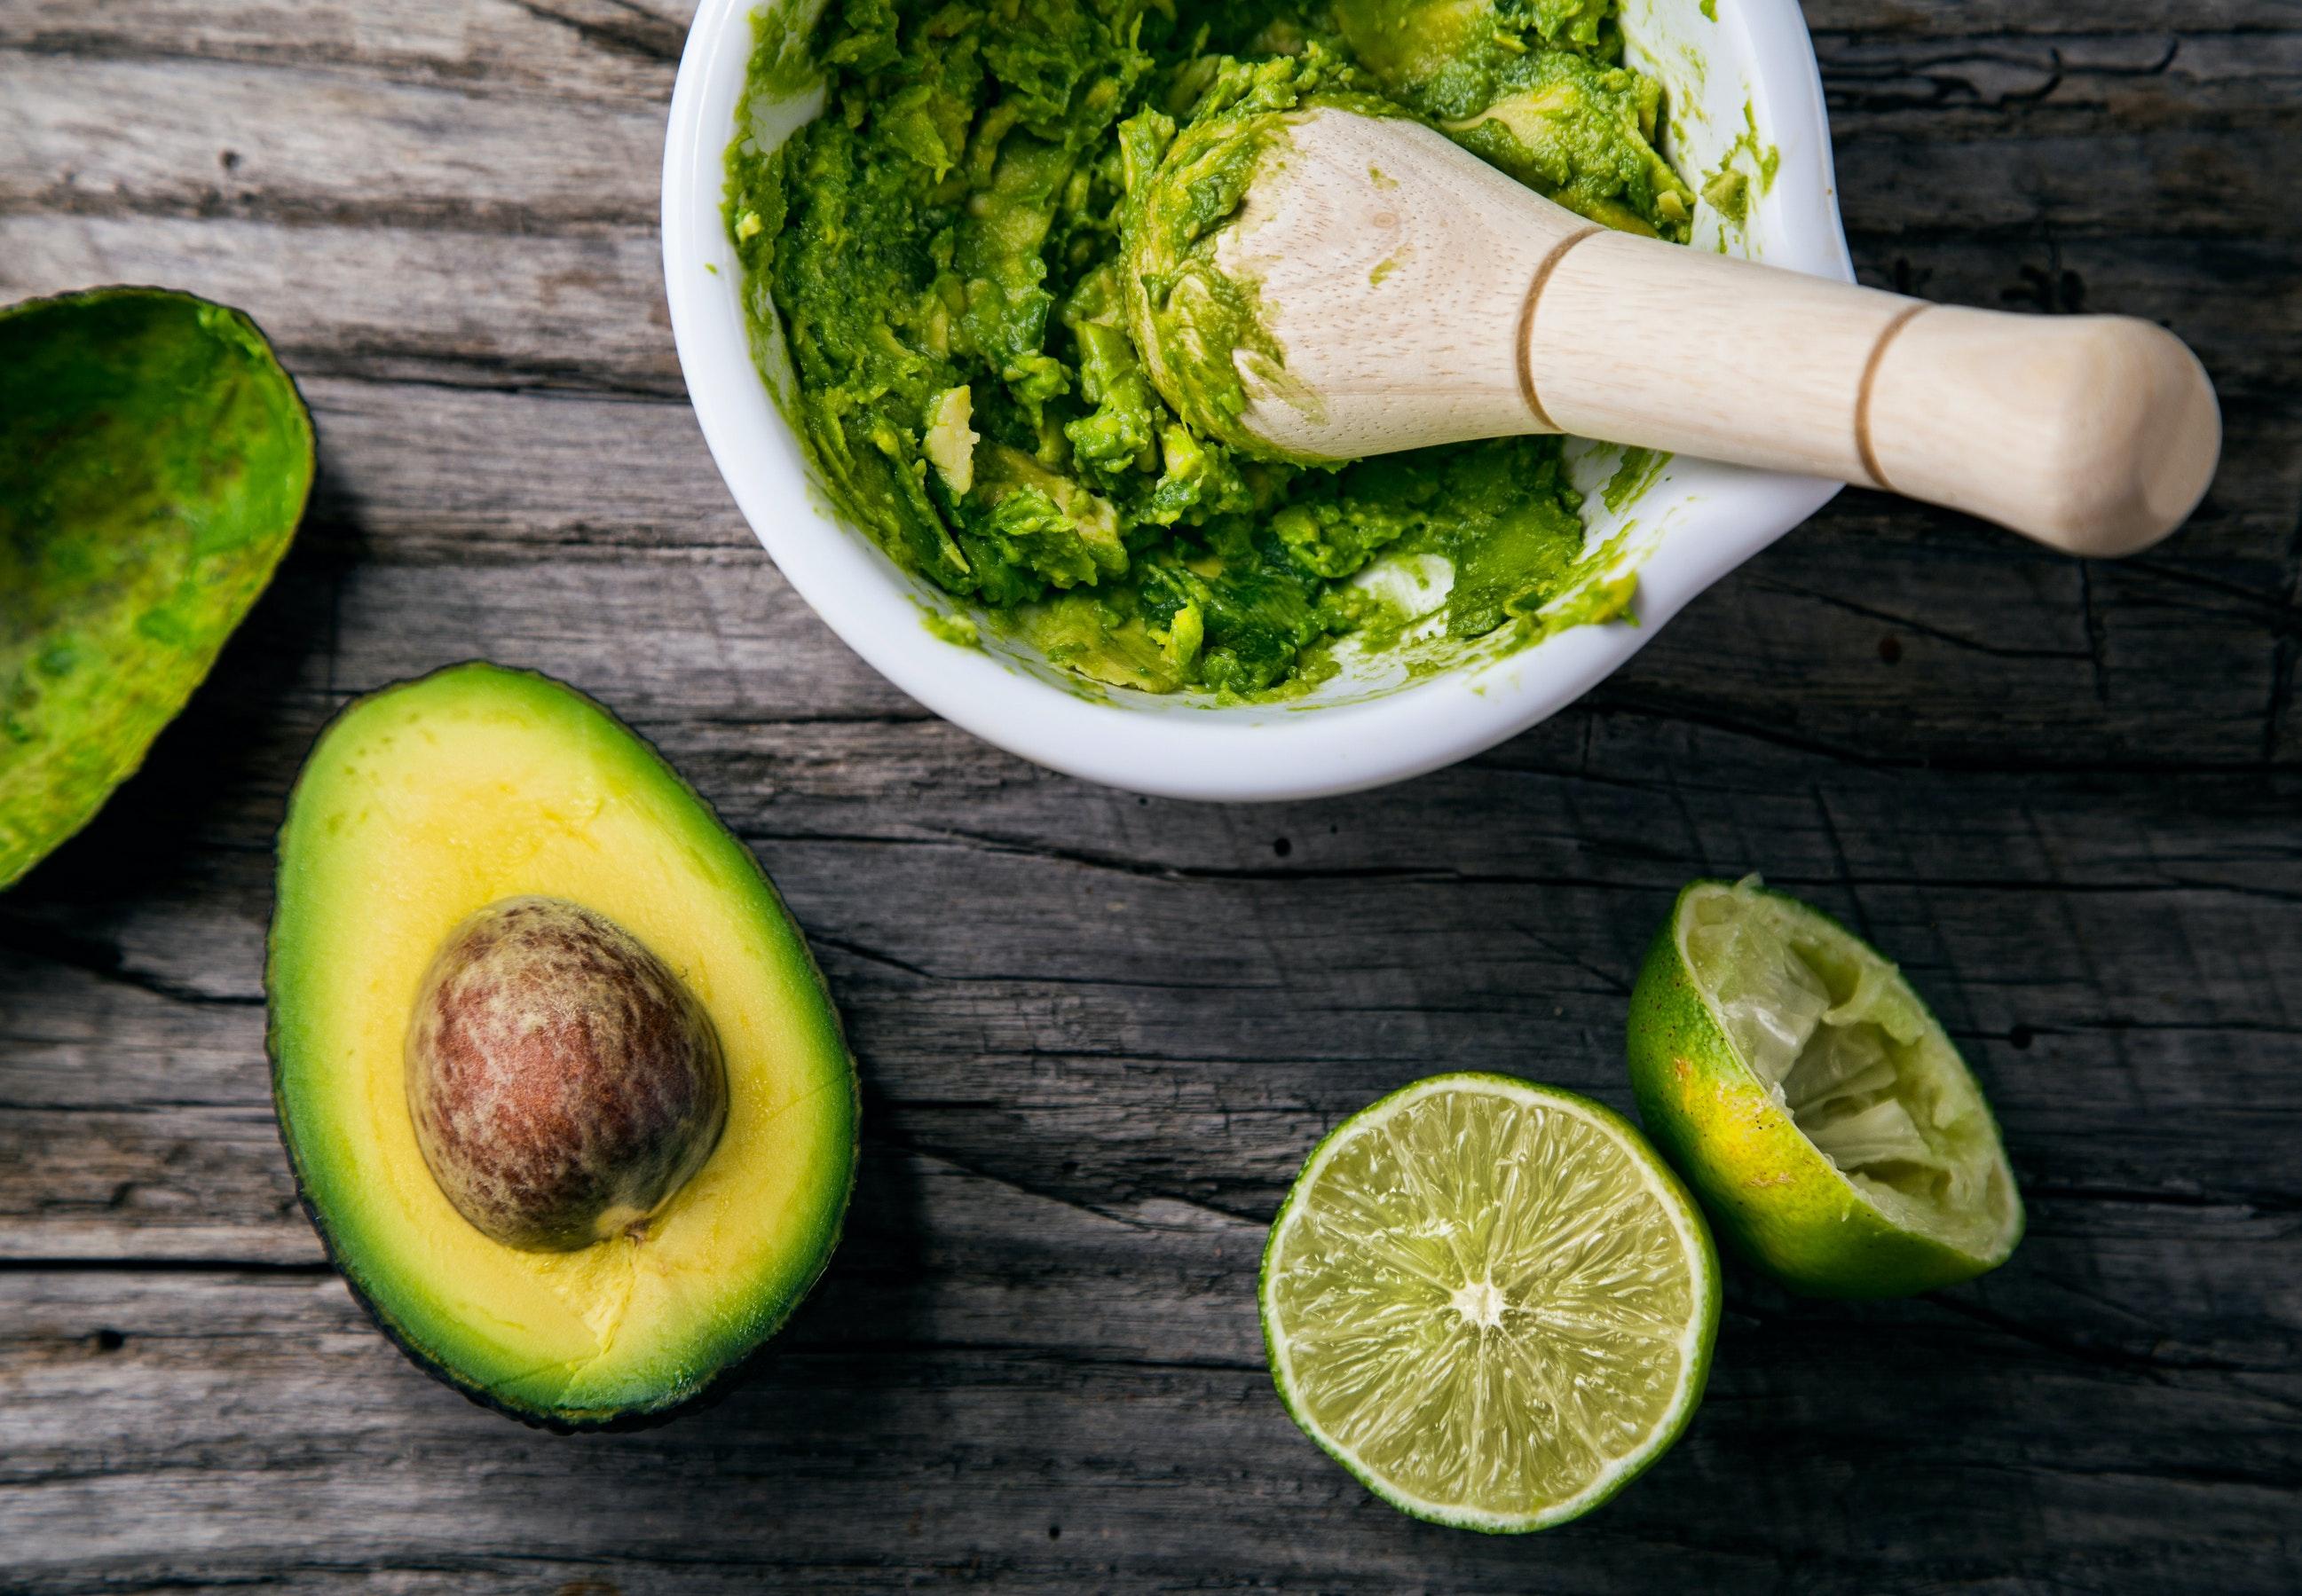 vi anbefaler de ultimative dogmer fra en guacamole mester